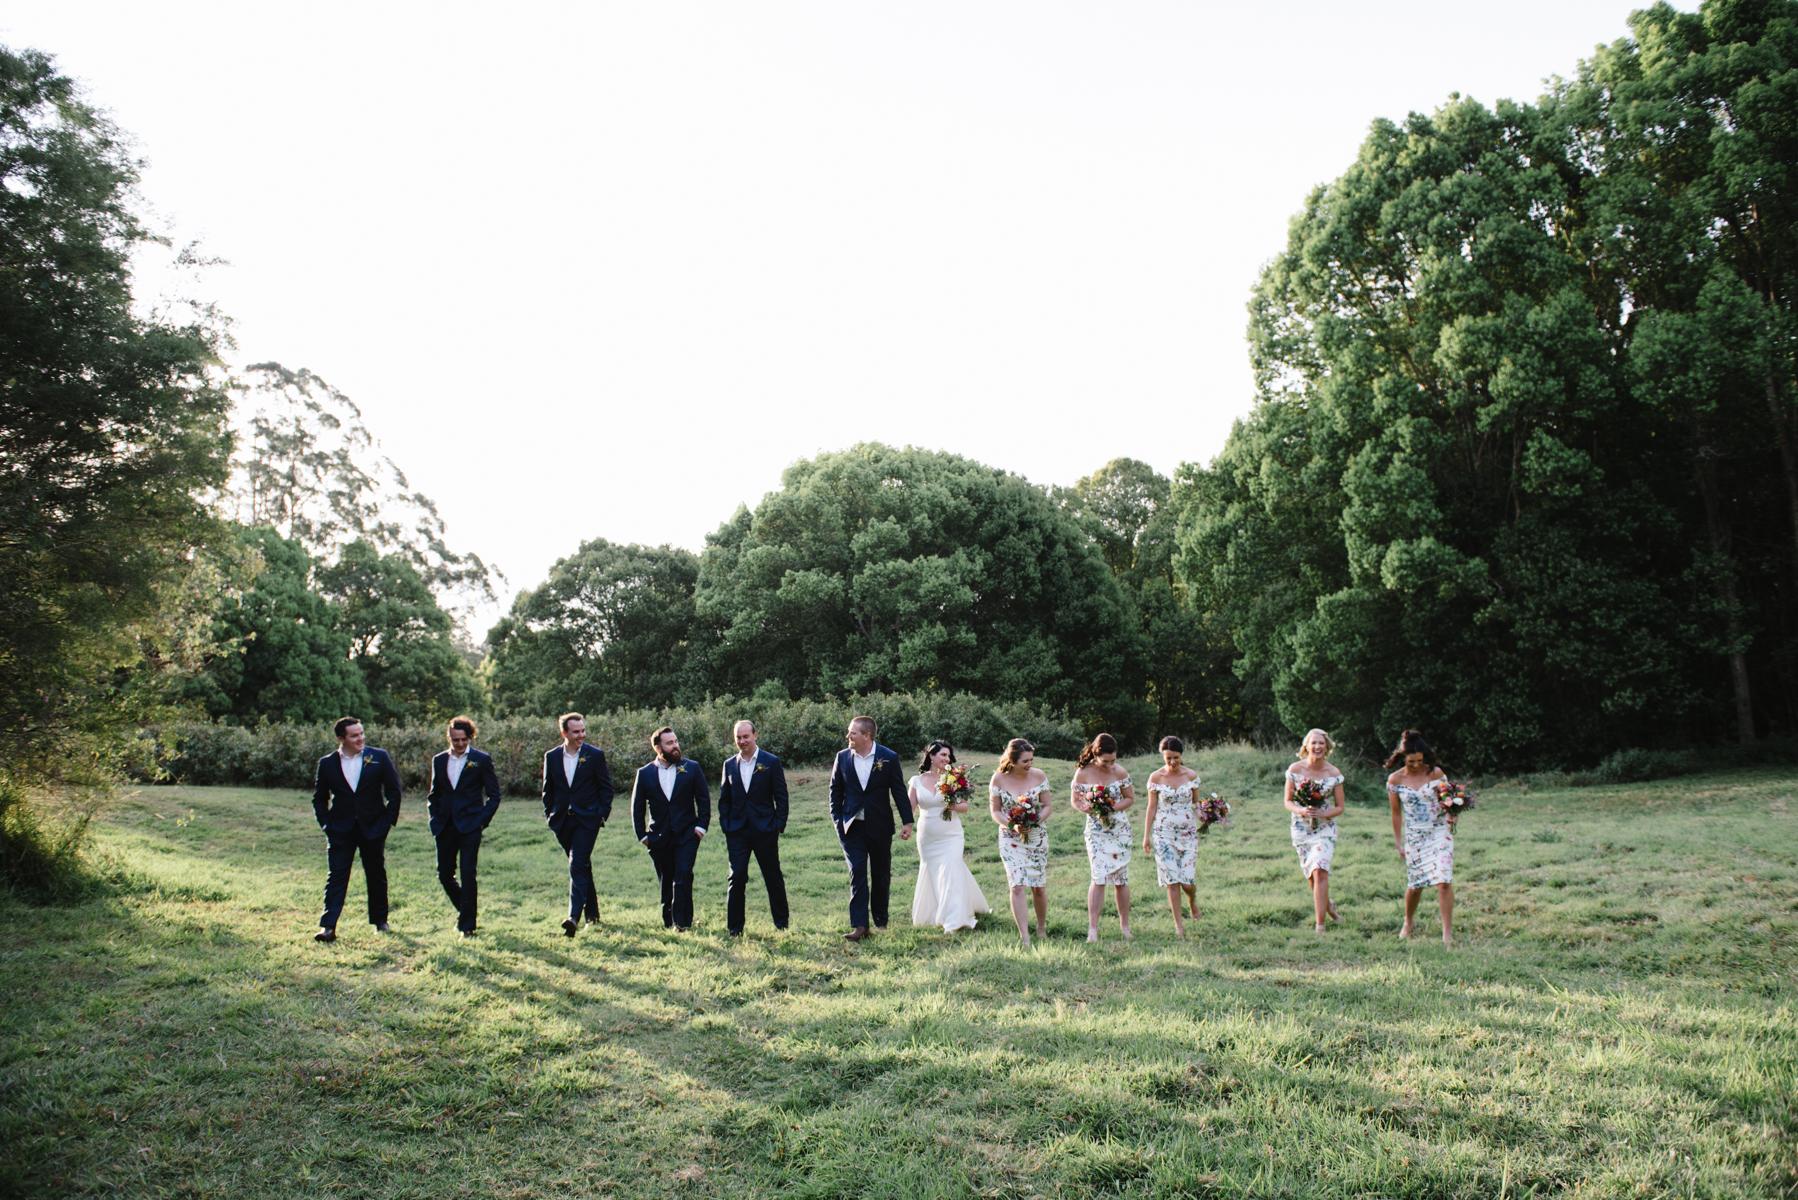 sarahandBenwedding- skyla sage photography weddings, families, byron bay,tweed coast,kingscliff,cabarita,gold coast-769.jpg